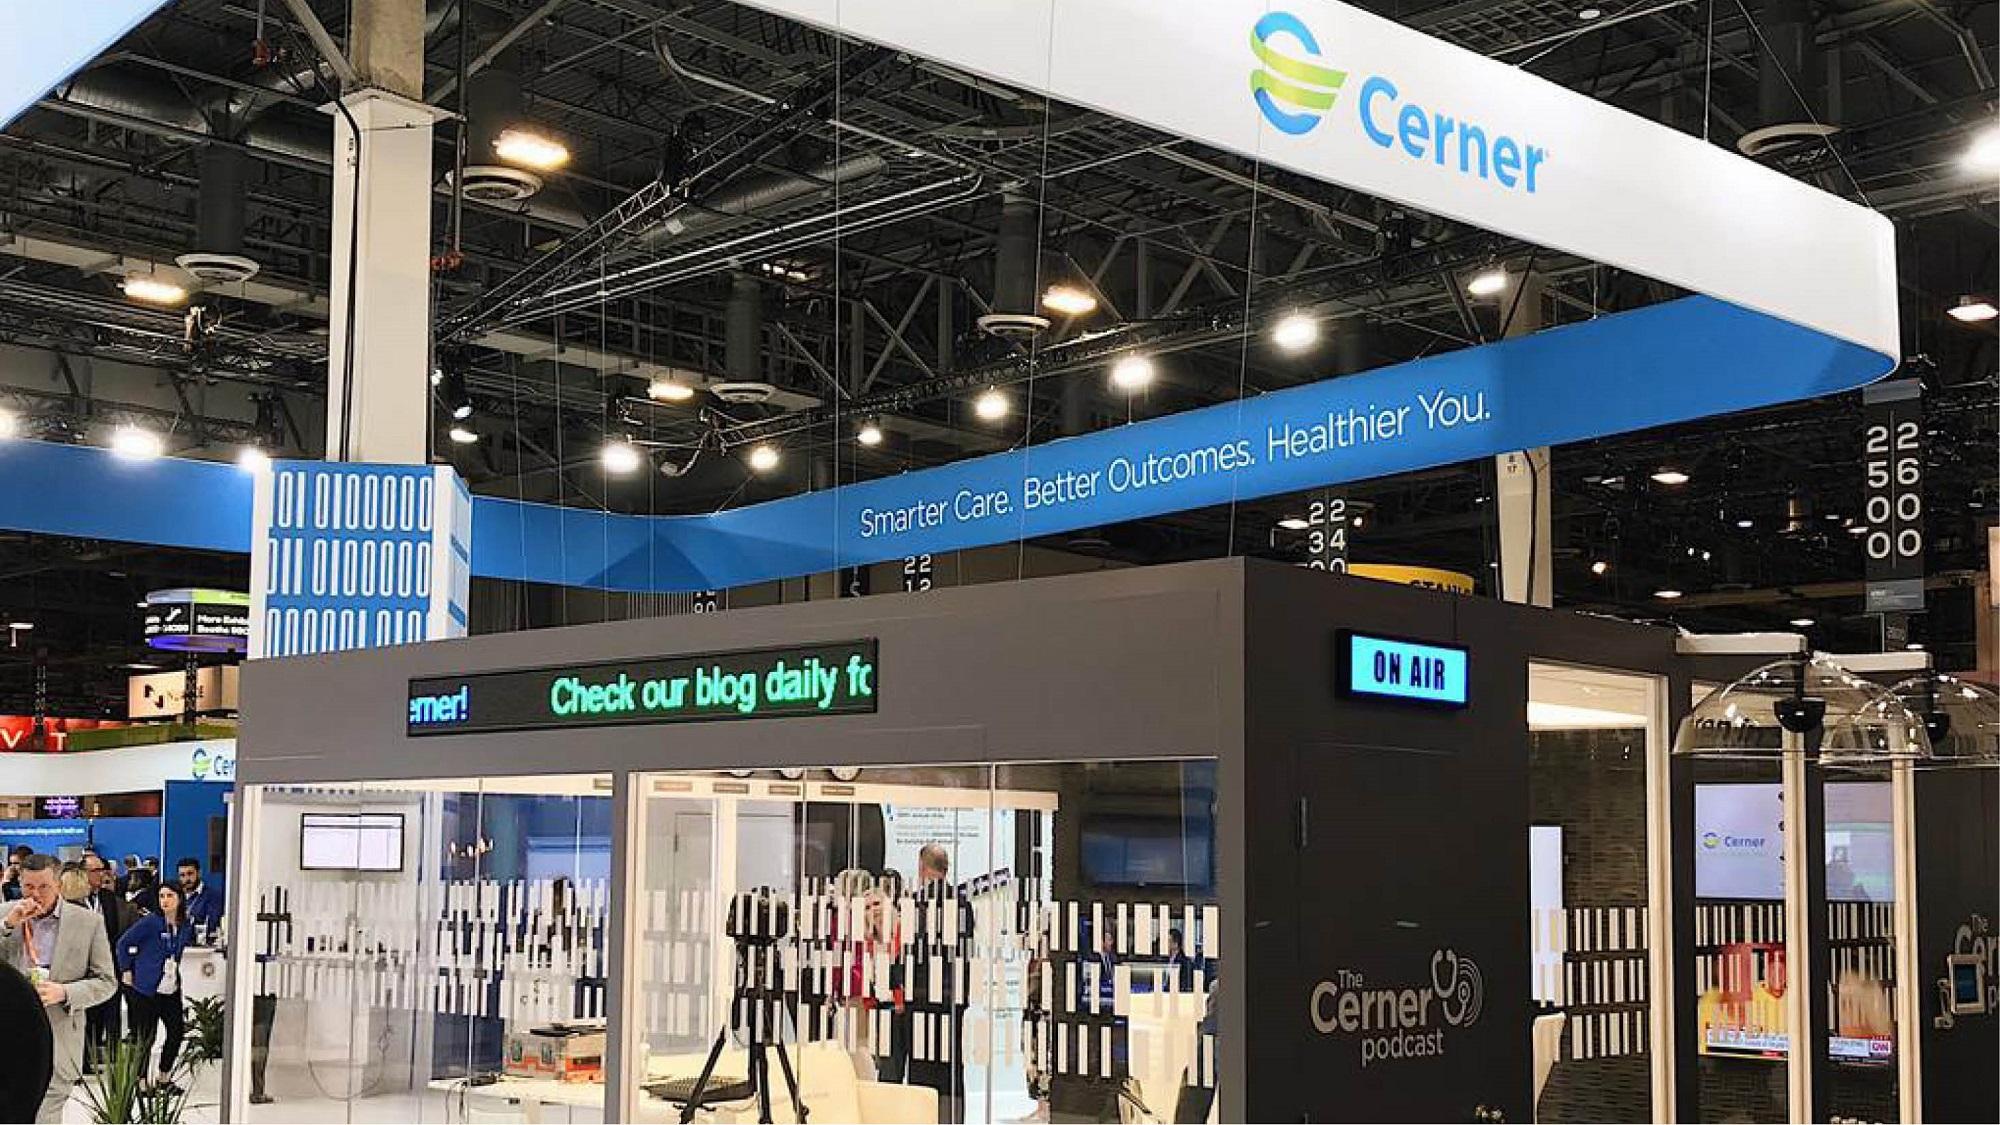 Cerner HIMSS booth